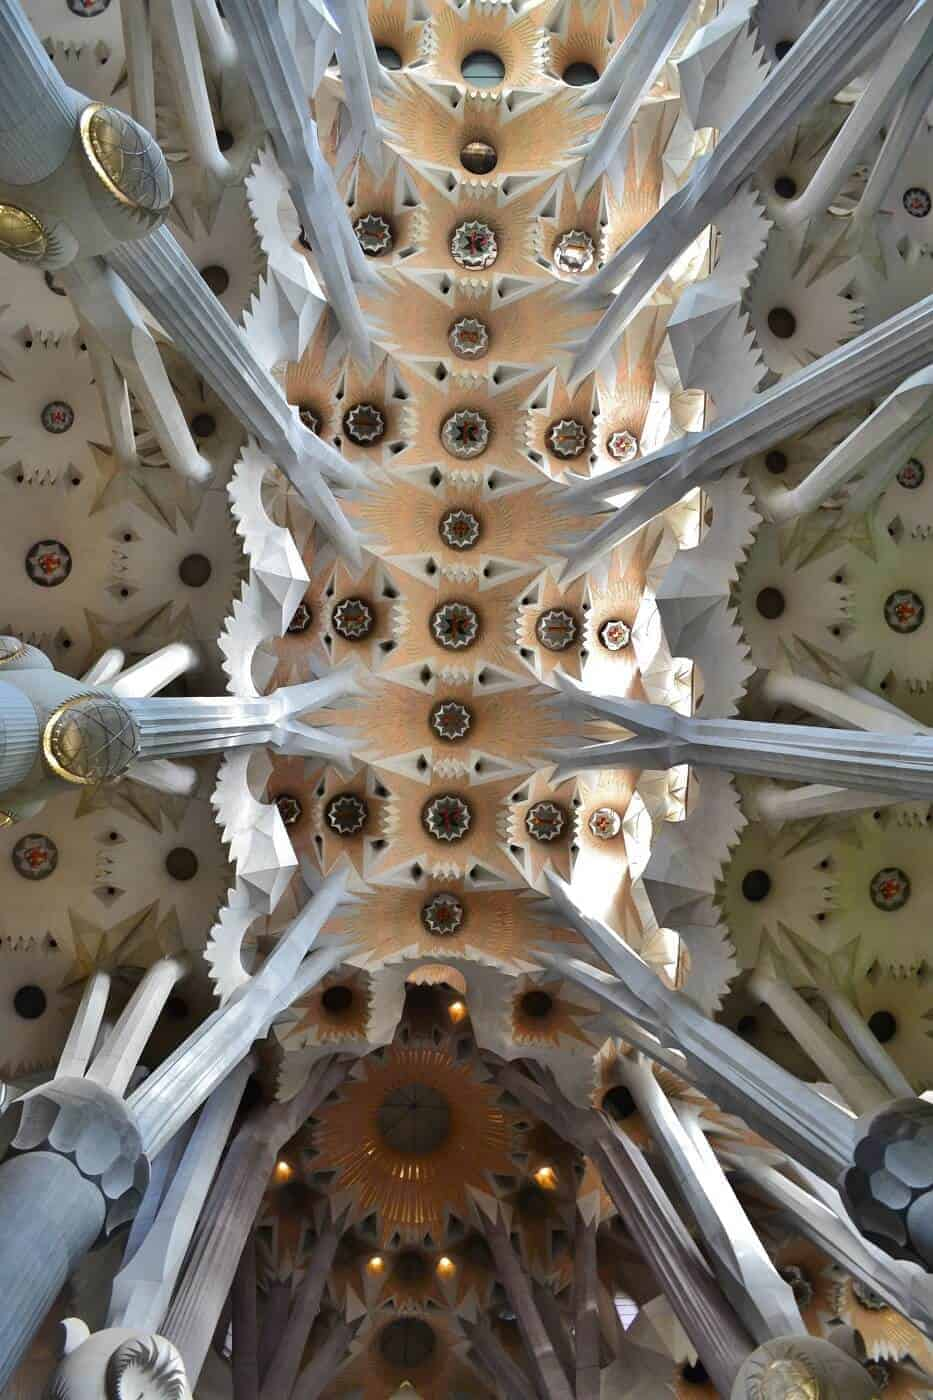 Ceiling in Sagrada Familia